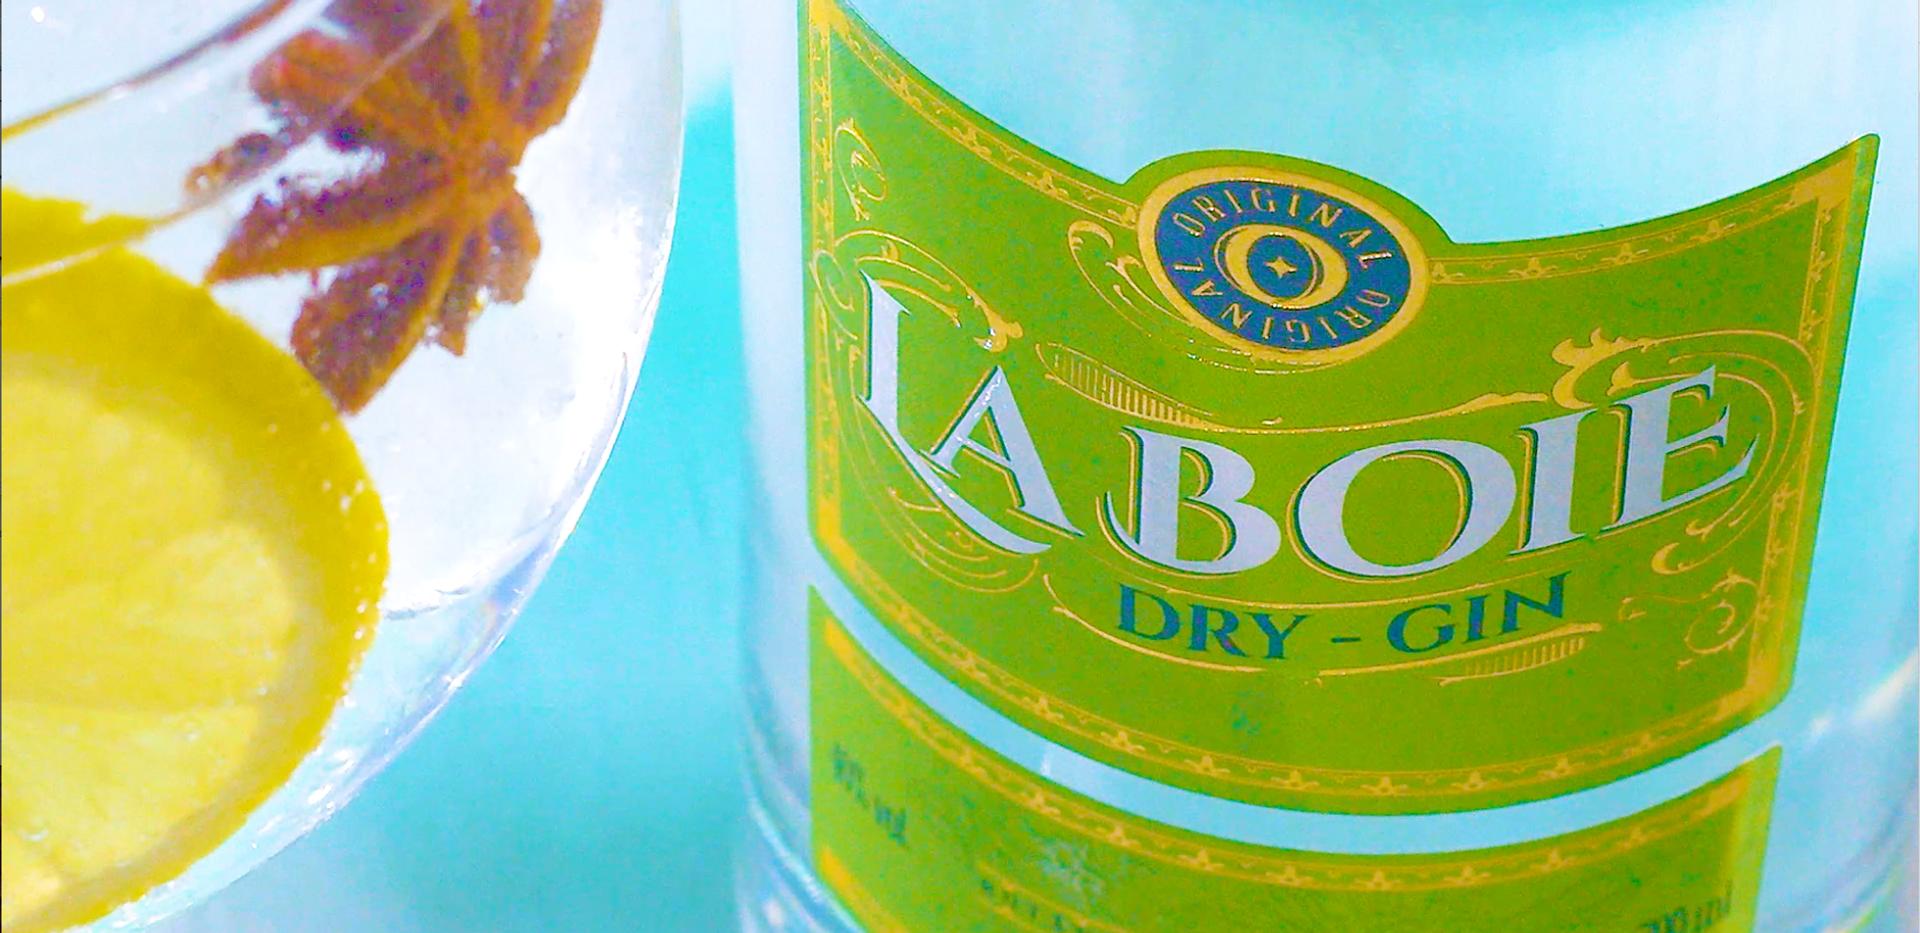 Gin La Boie